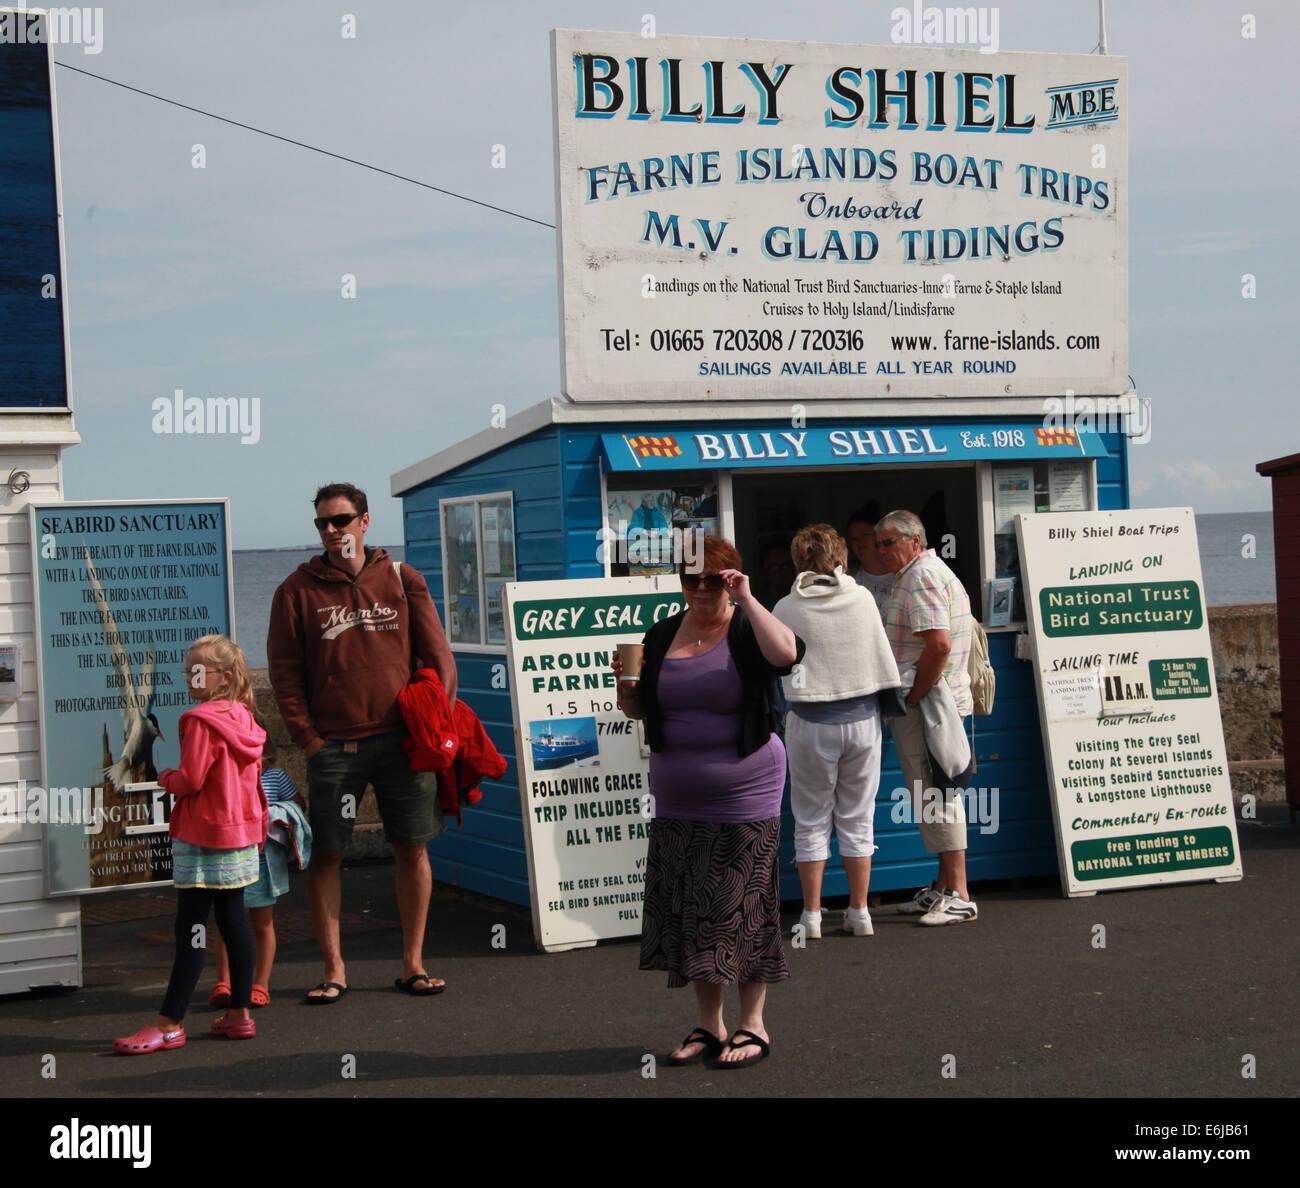 Laden Sie dieses Alamy Stockfoto Billy Shiel Boot Ticketverkäufe aus wirft auf gemeinsame für Farne Insel reisen, NE England, UK - E6JB61